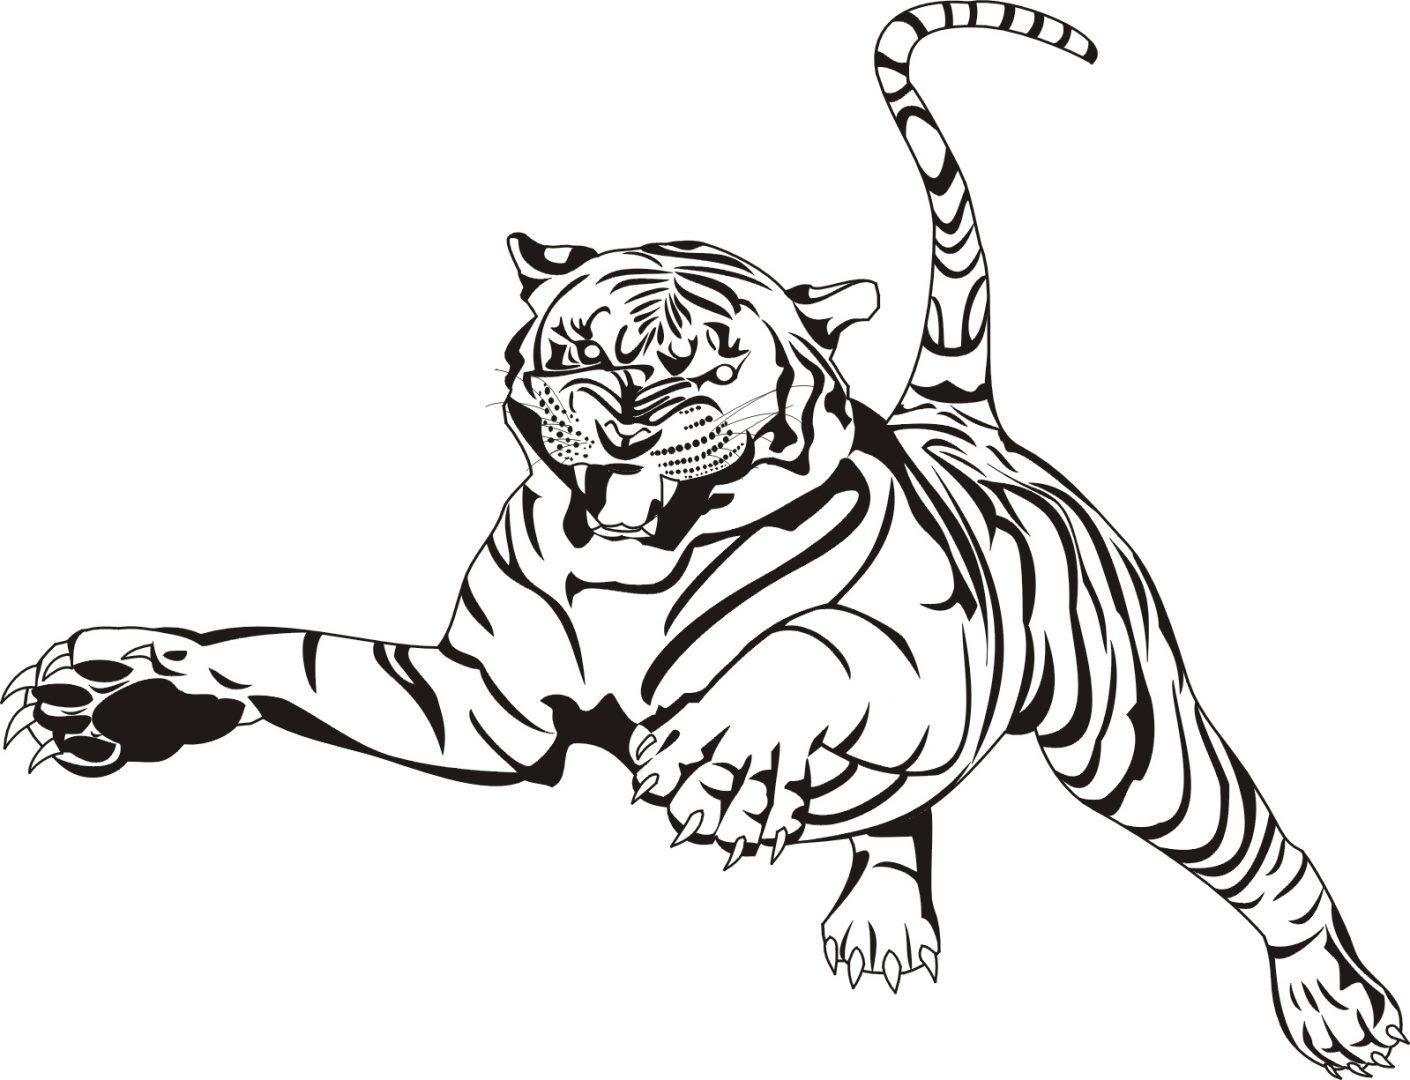 Dibujo De Tigre Saltando Imágenes Y Fotos